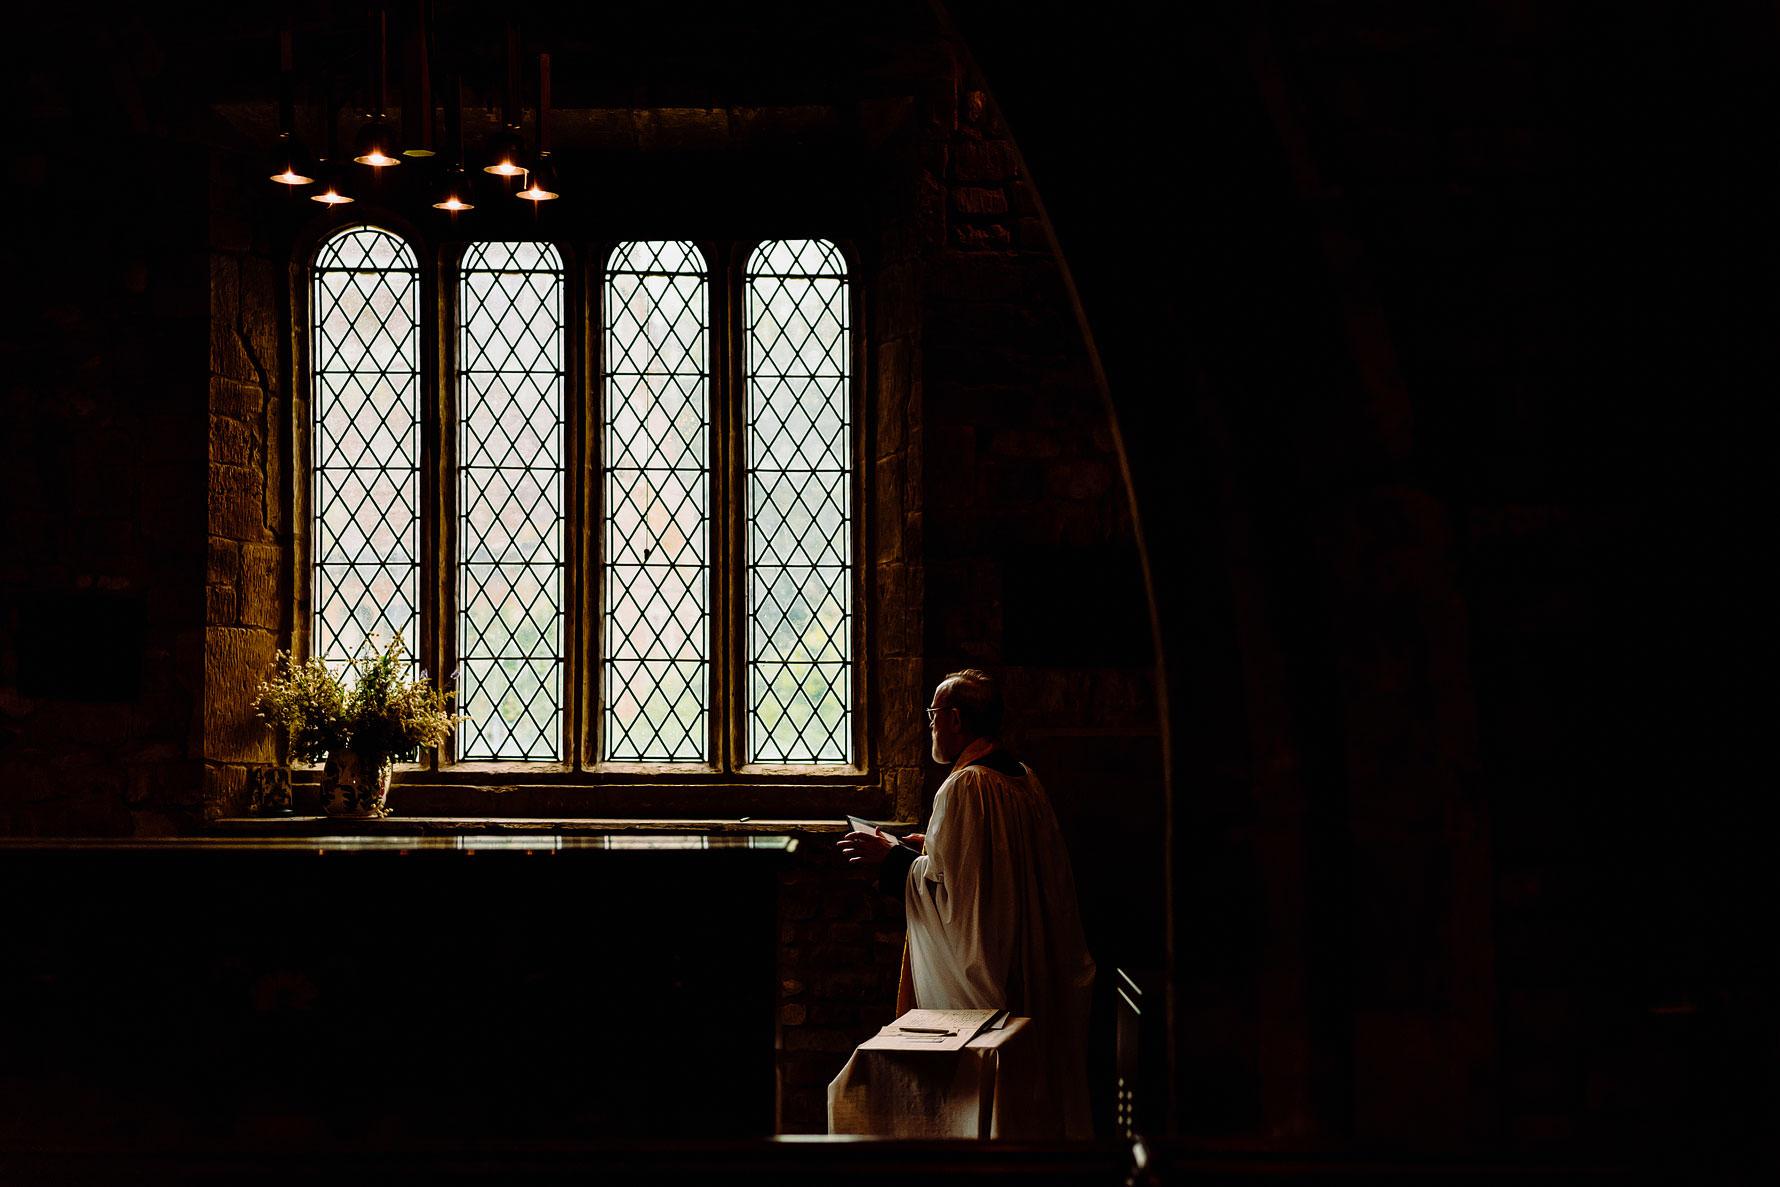 a vicar